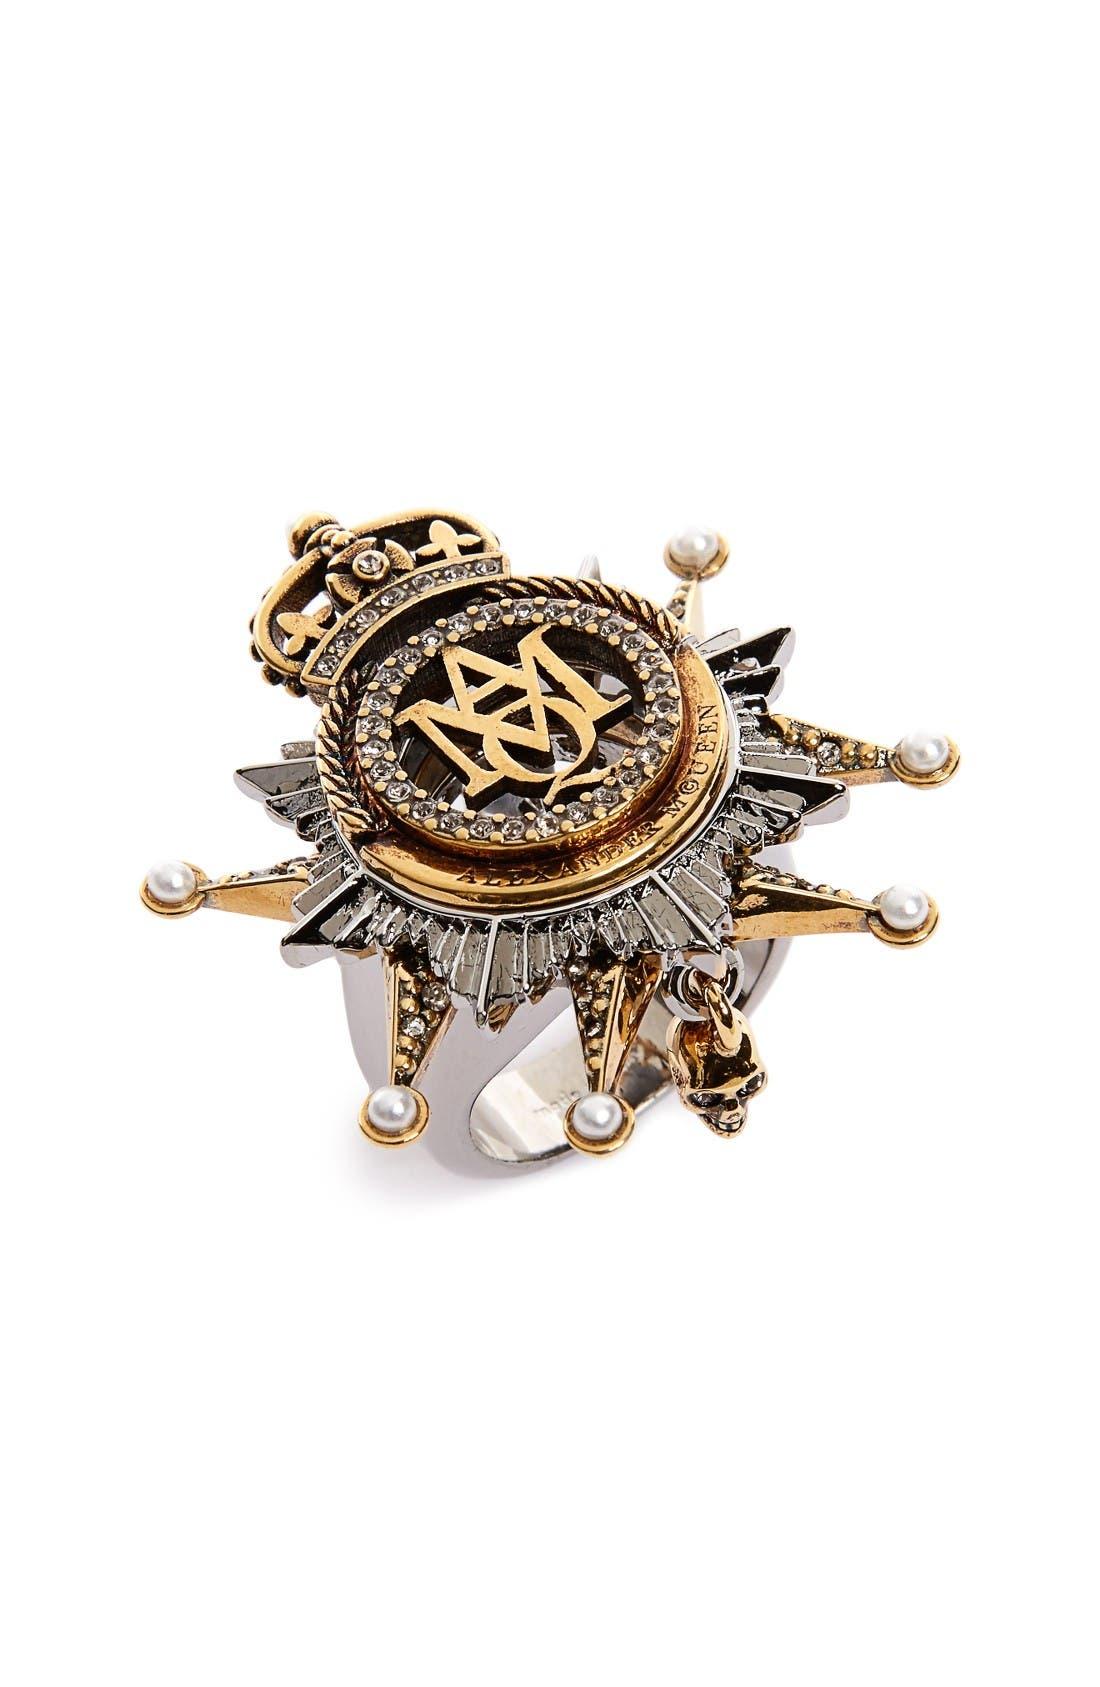 Main Image - Alexander McQueen Medallion Ring